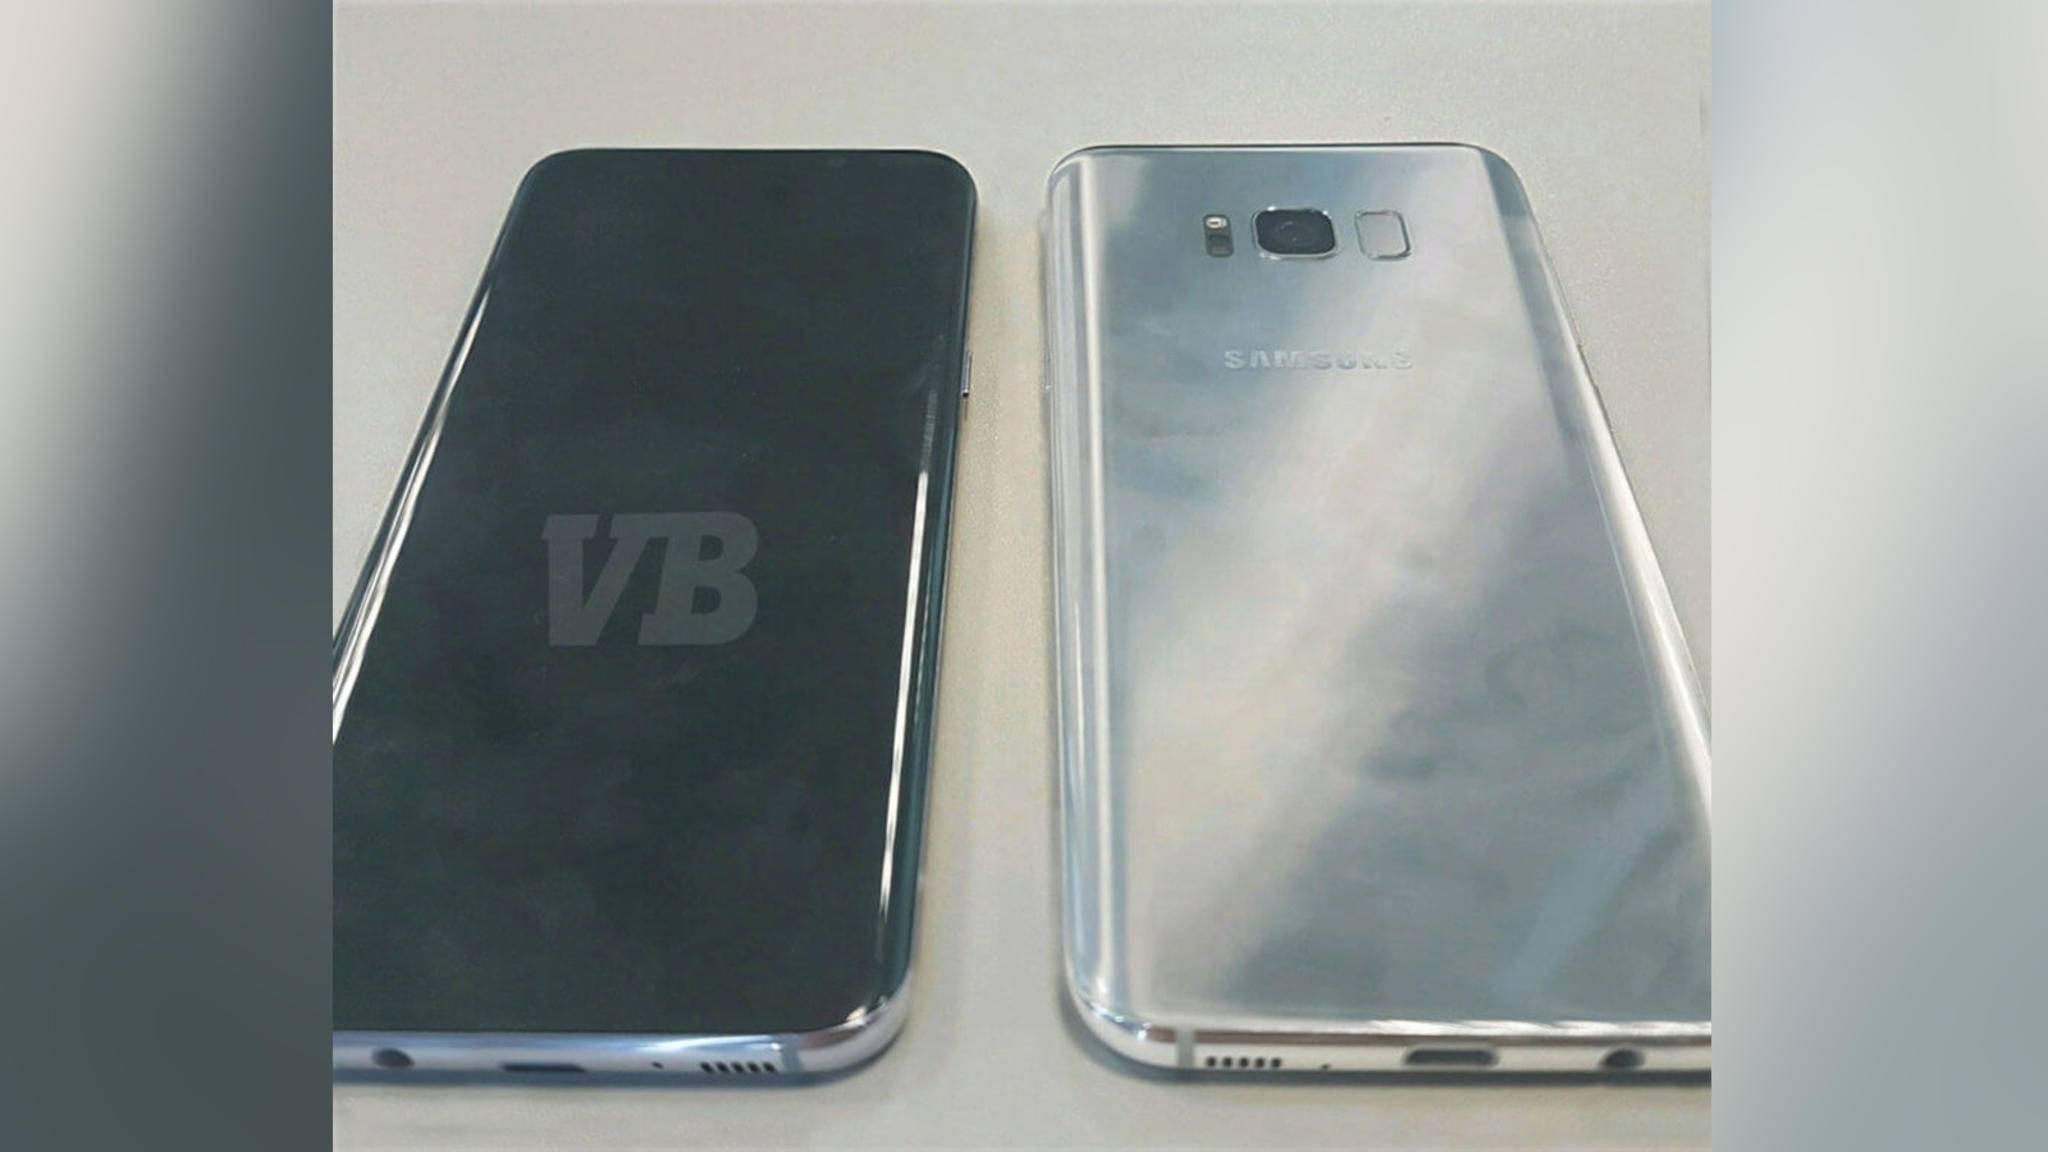 Stimmt das geleakte Bild, wird das Galaxy S8 einen Kopfhöreranschluss besitzen.